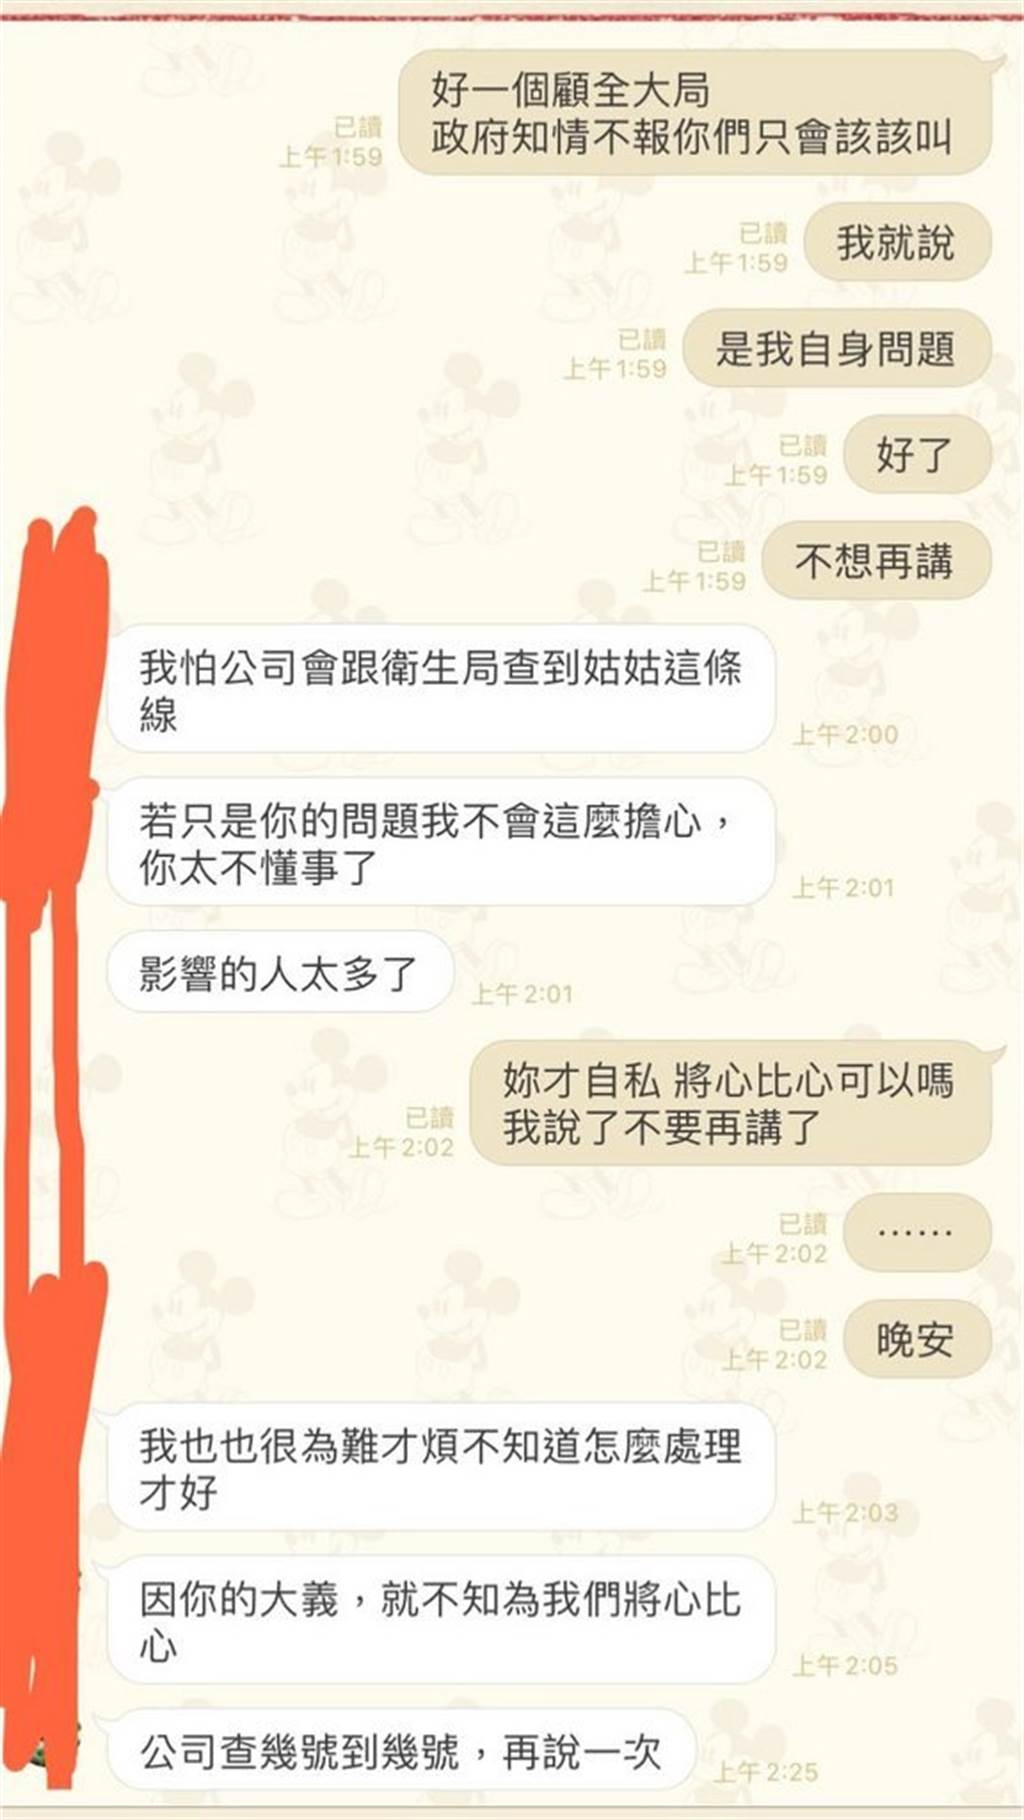 原PO分享与妈妈的Line截图对话。(图/翻摄自Dcard)